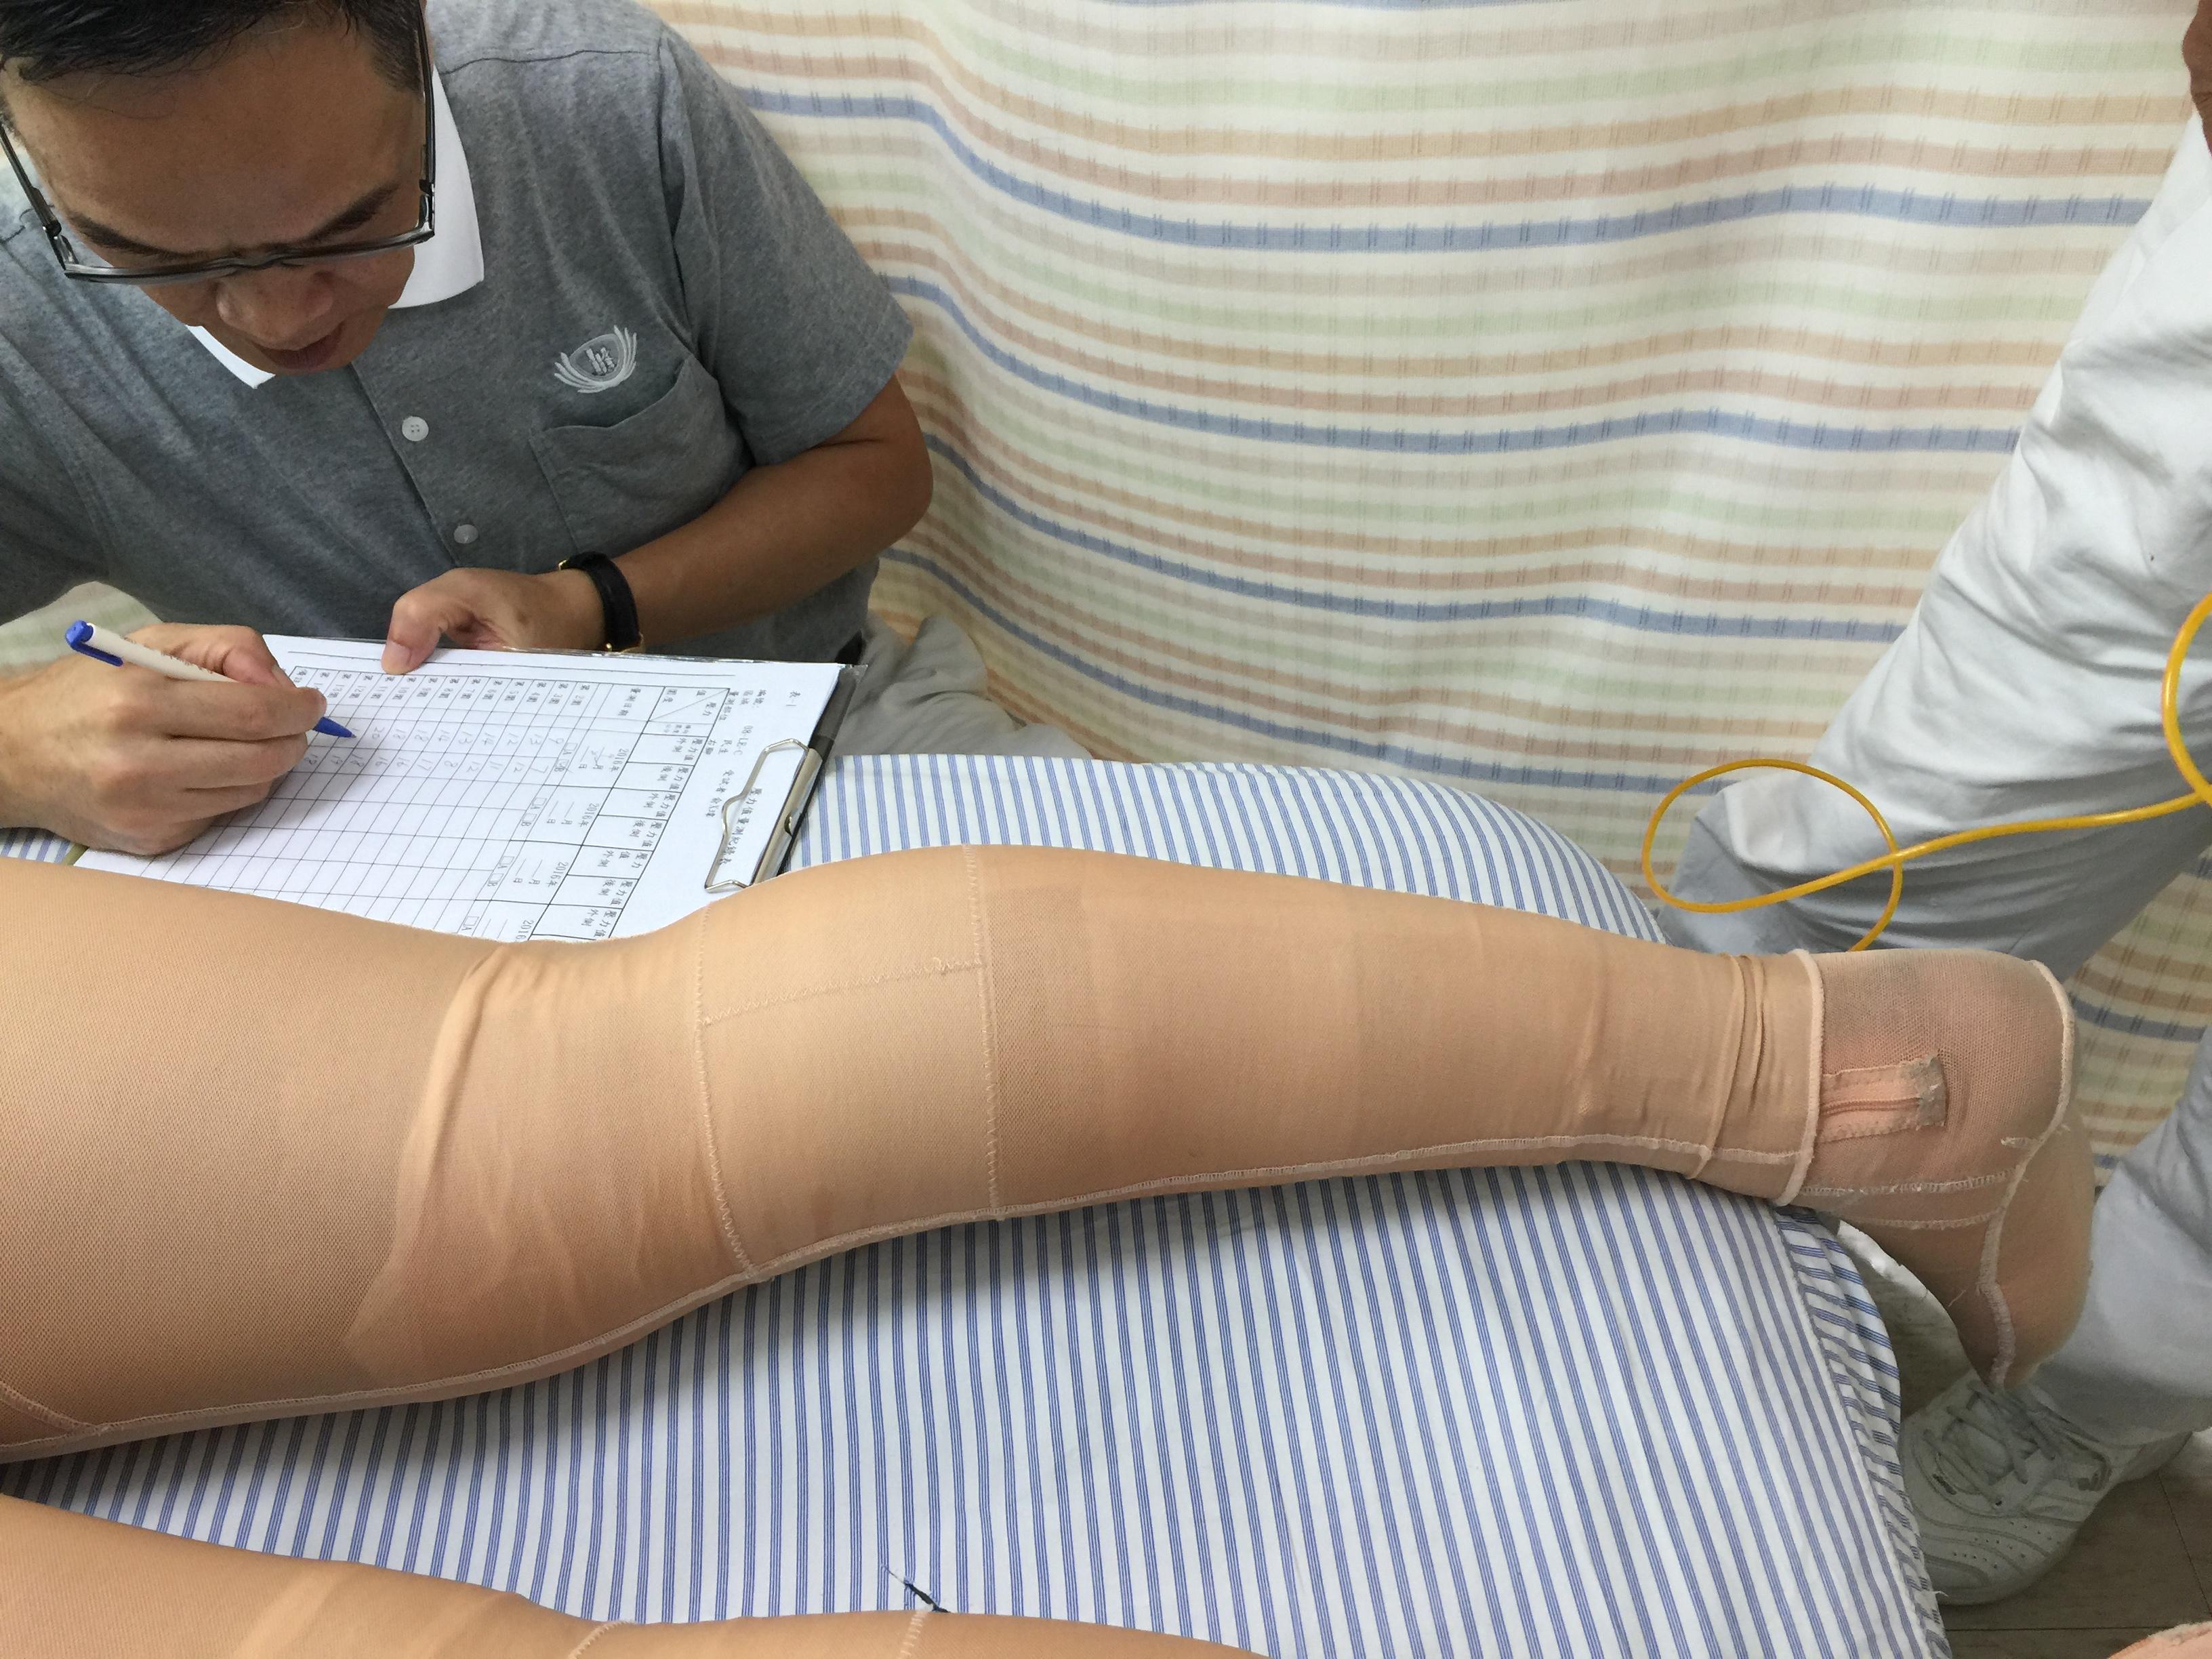 慈濟基金會志工協助量測傷友穿戴高彈力機能透氣肢體壓力服之壓力值